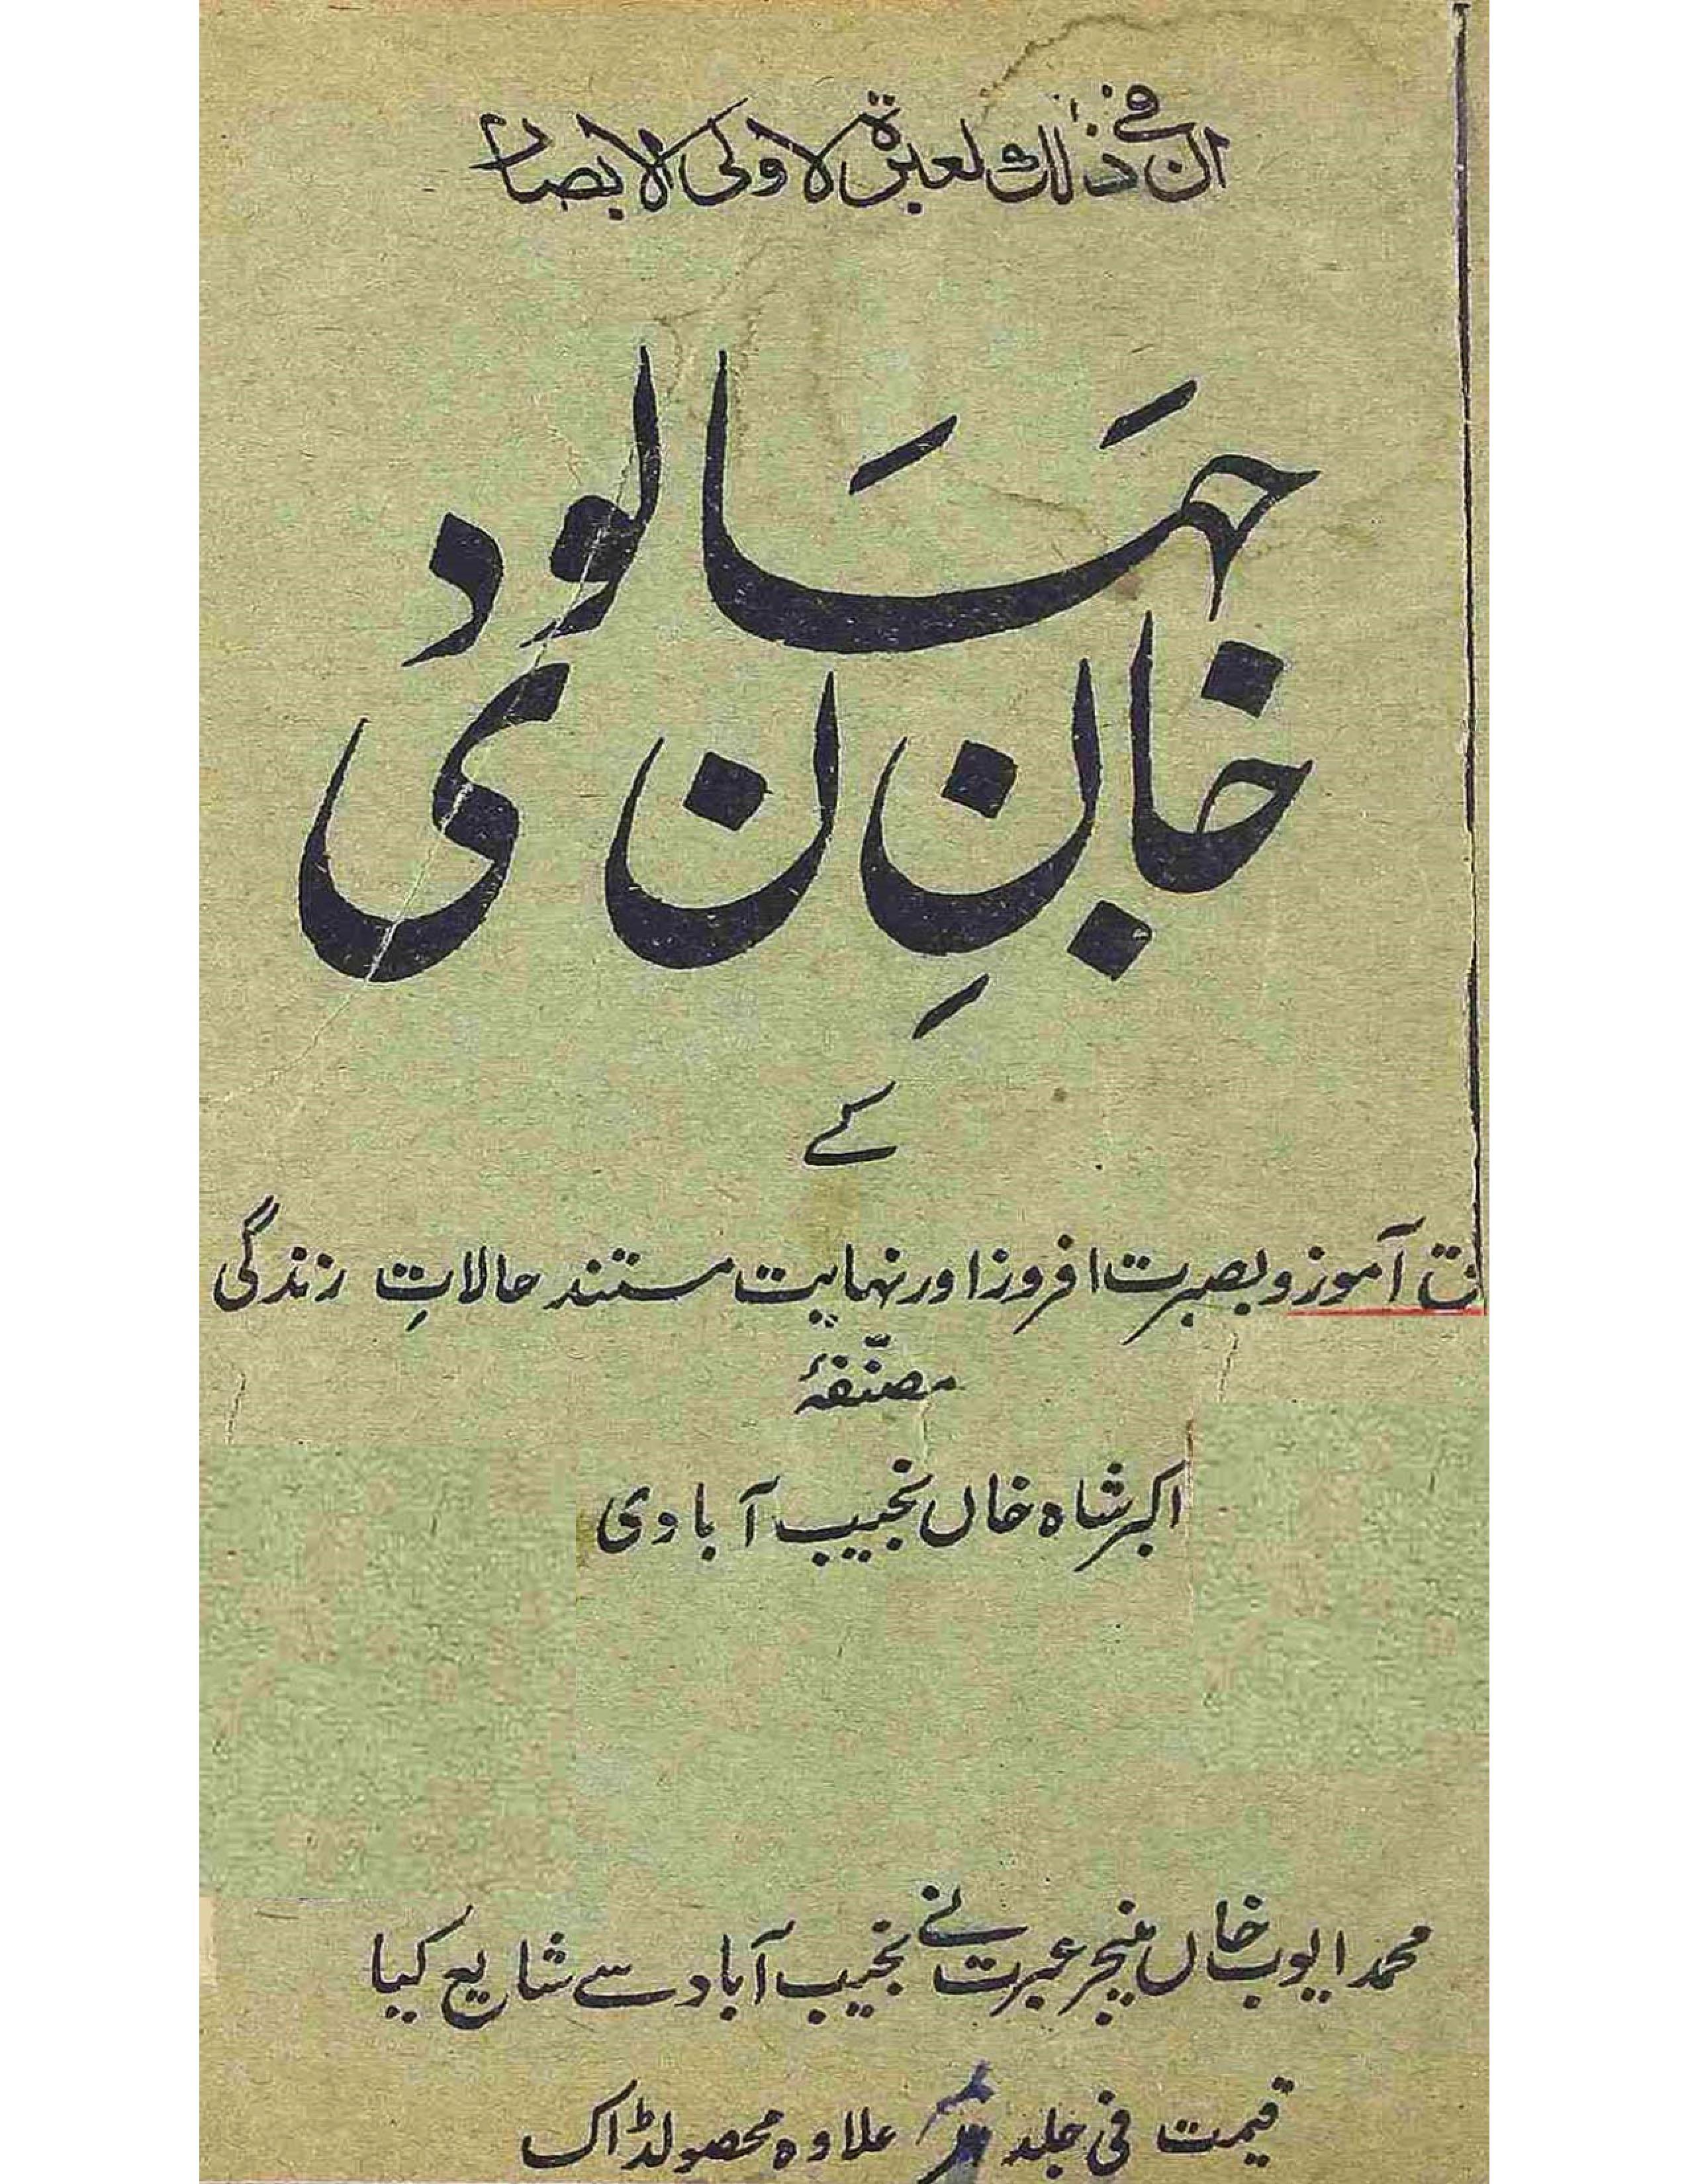 Khan Jahan Lodi